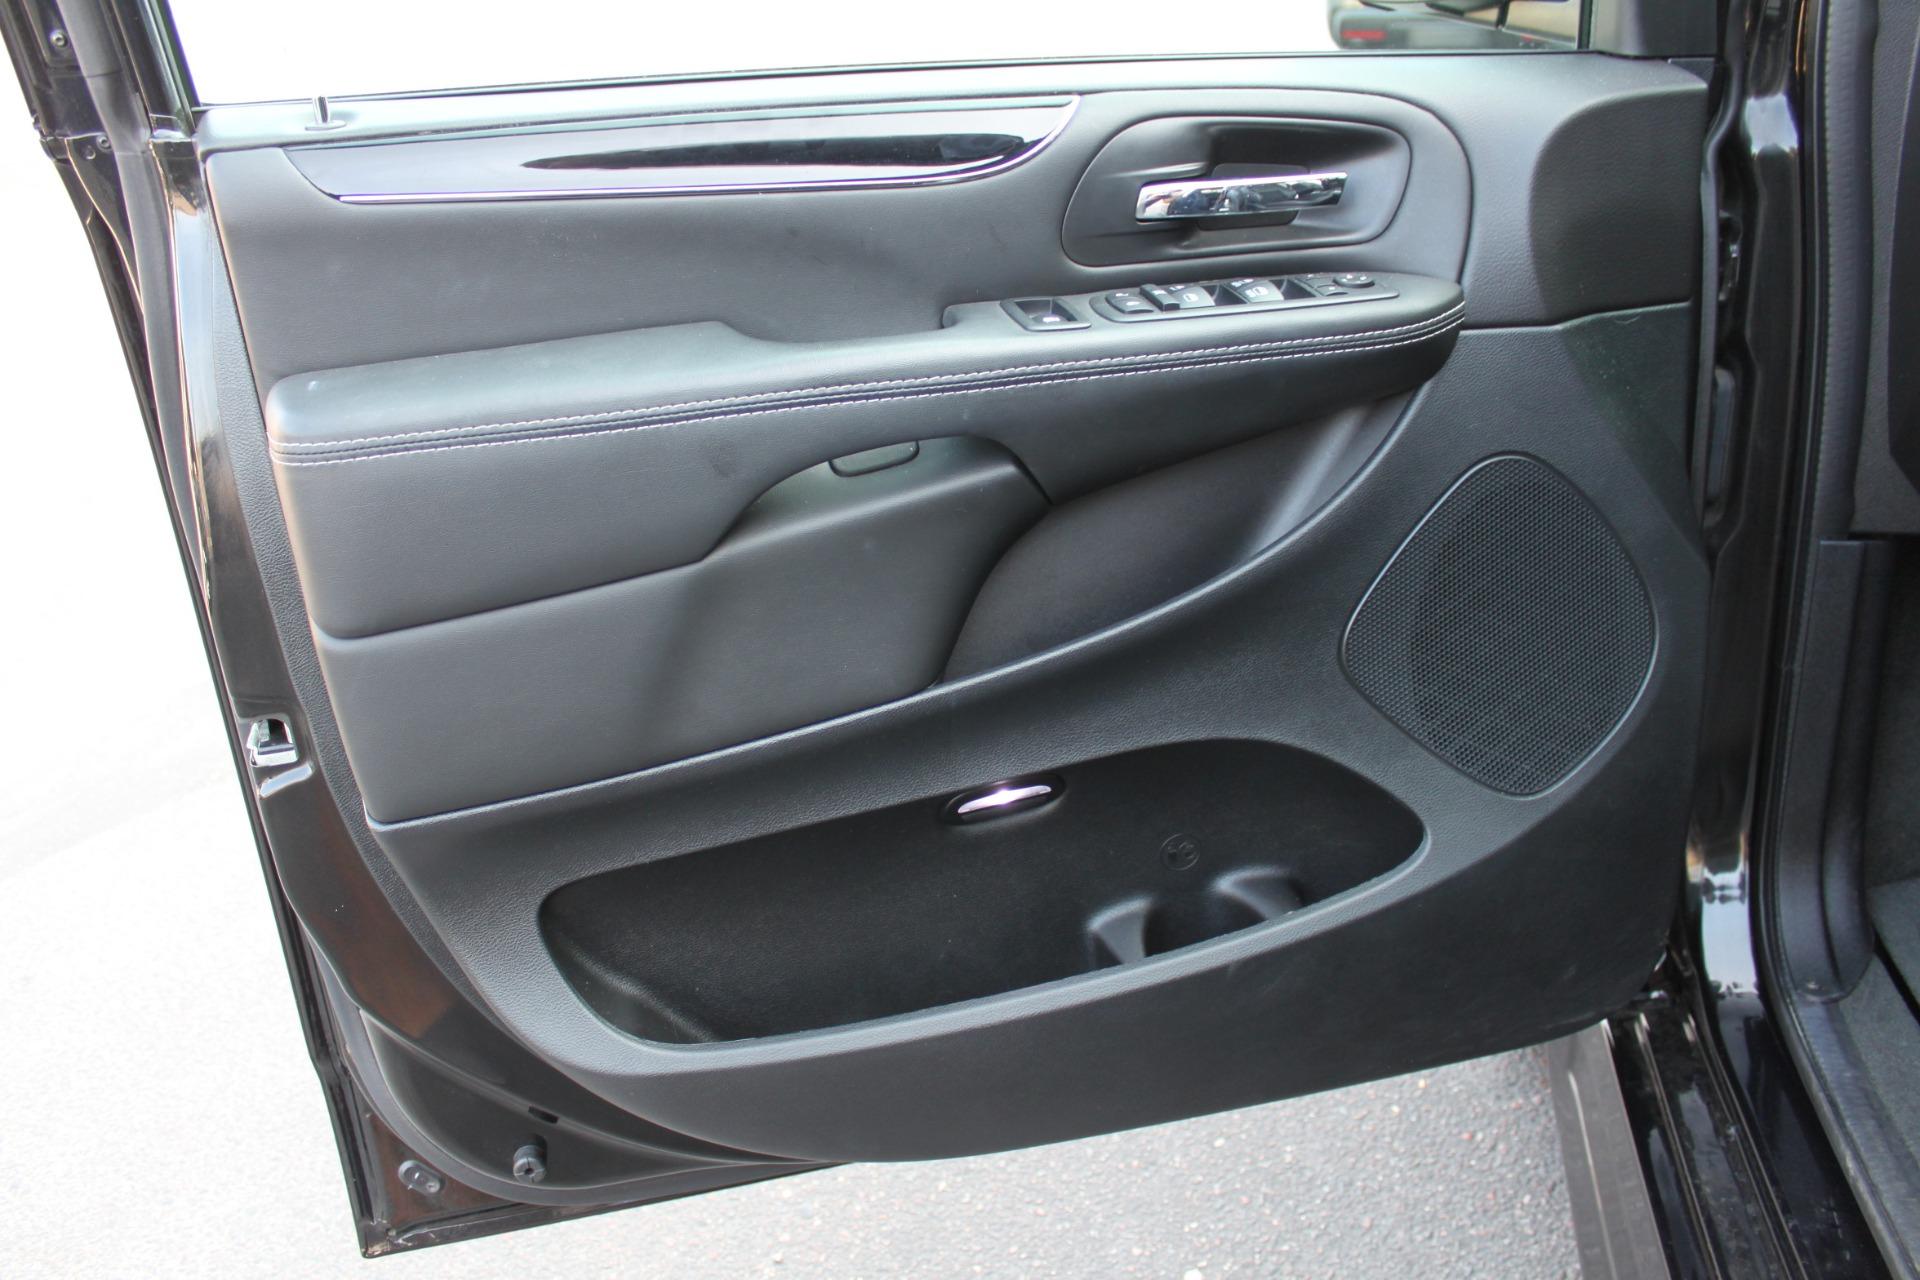 Used-2018-Dodge-Grand-Caravan-SXT-Rollx-Mobility-Conversion-Jaguar